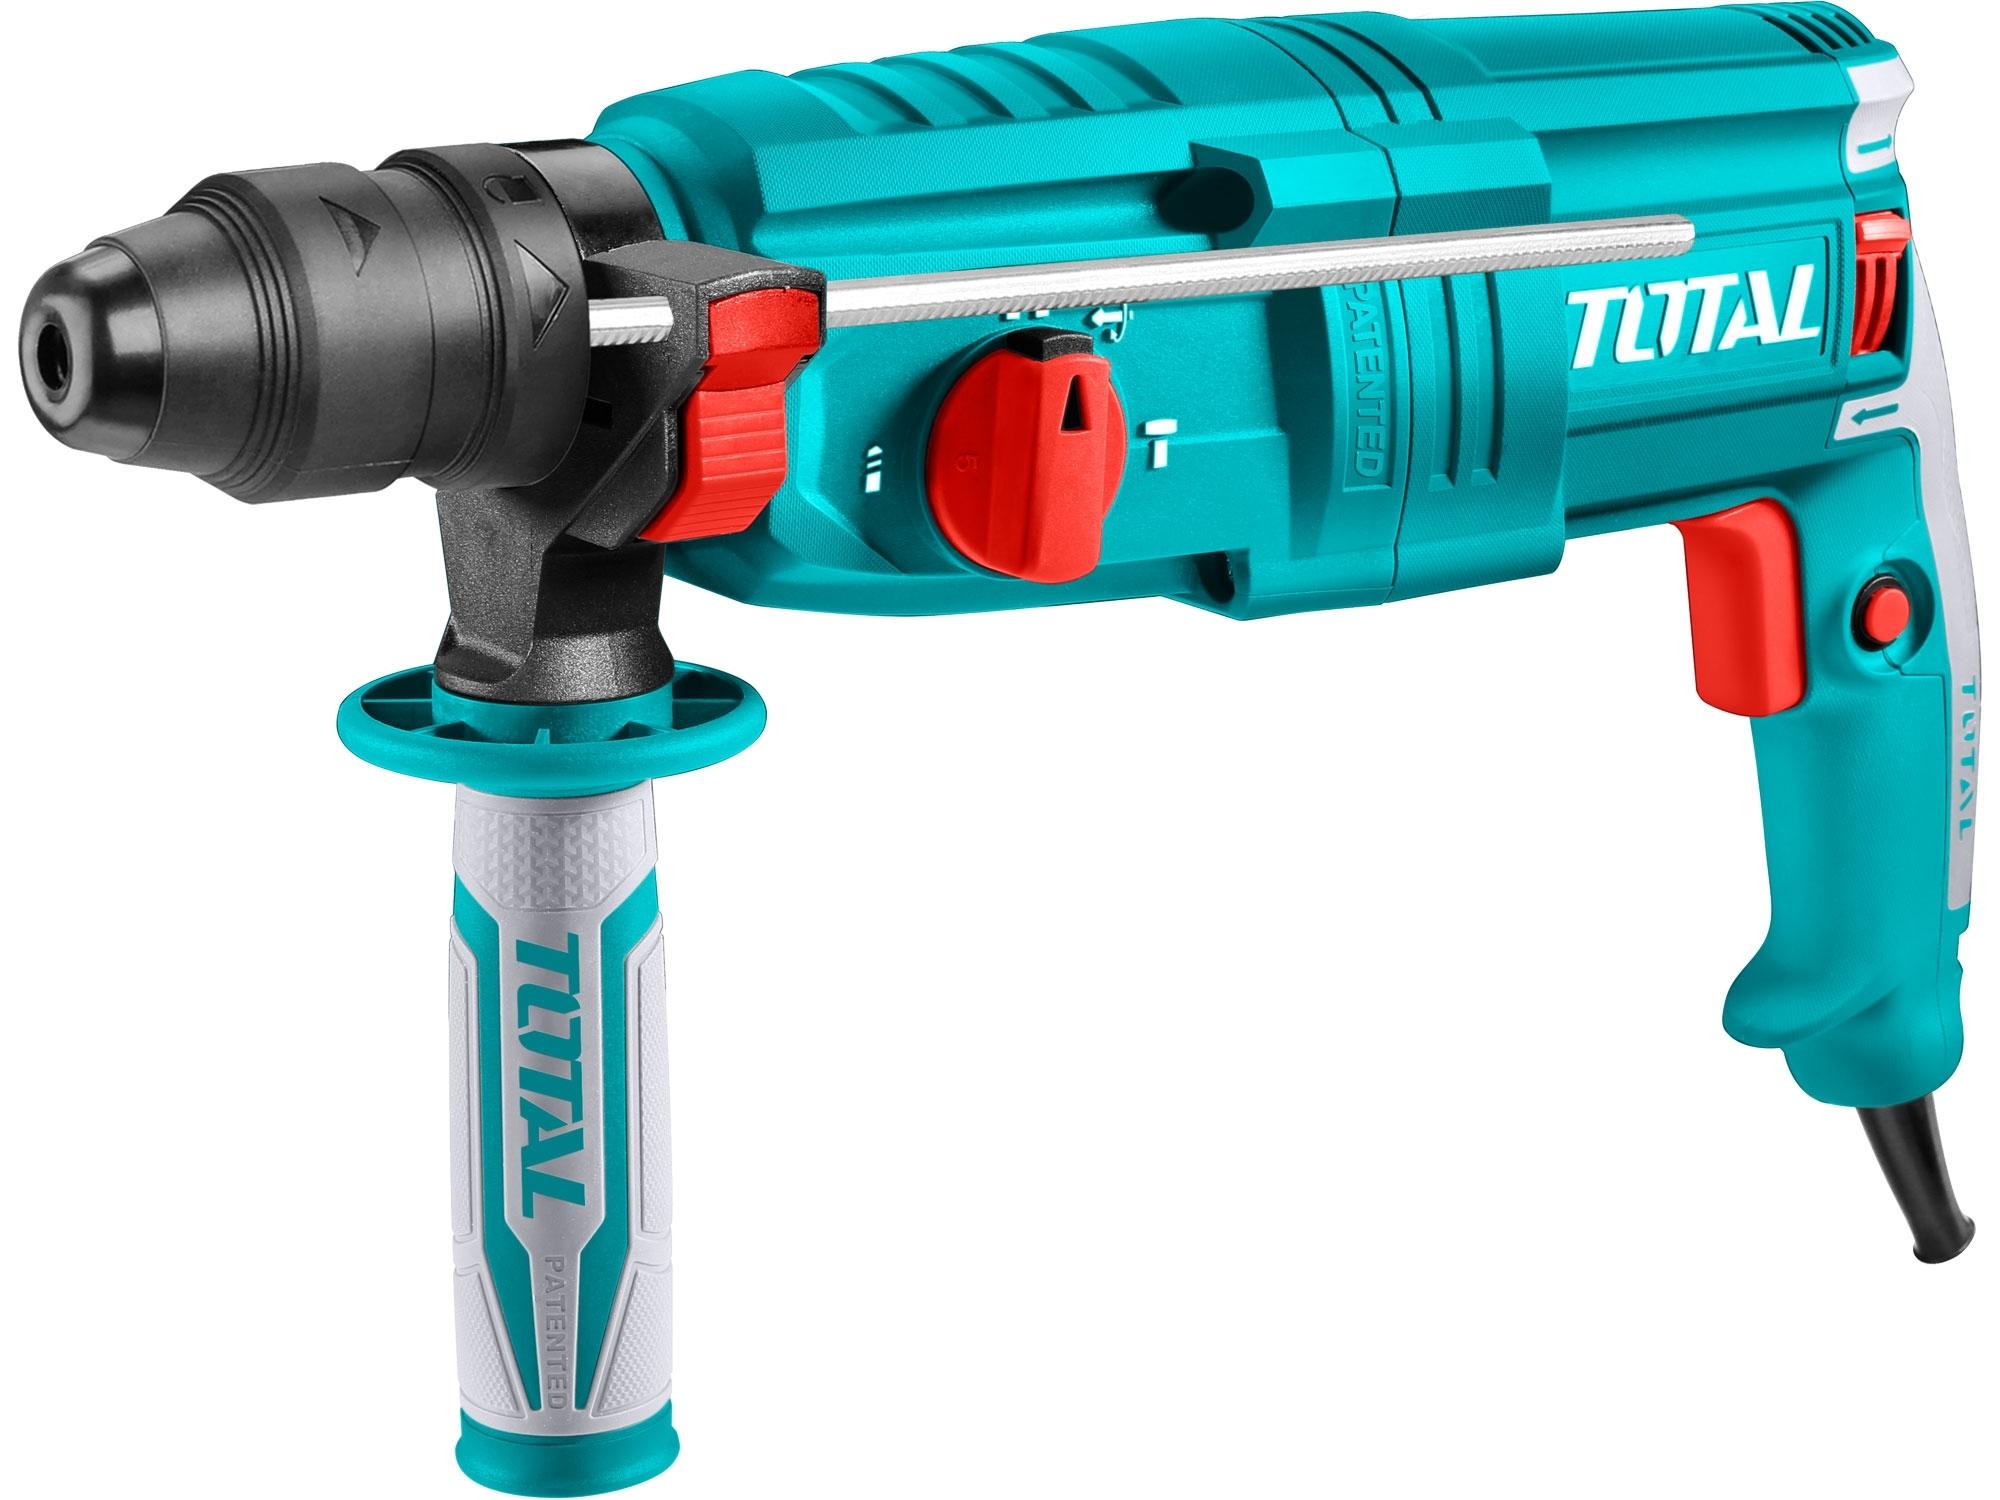 TOTAL TH308268-2 Kladivo vrtací SDS Plus, 2,5J